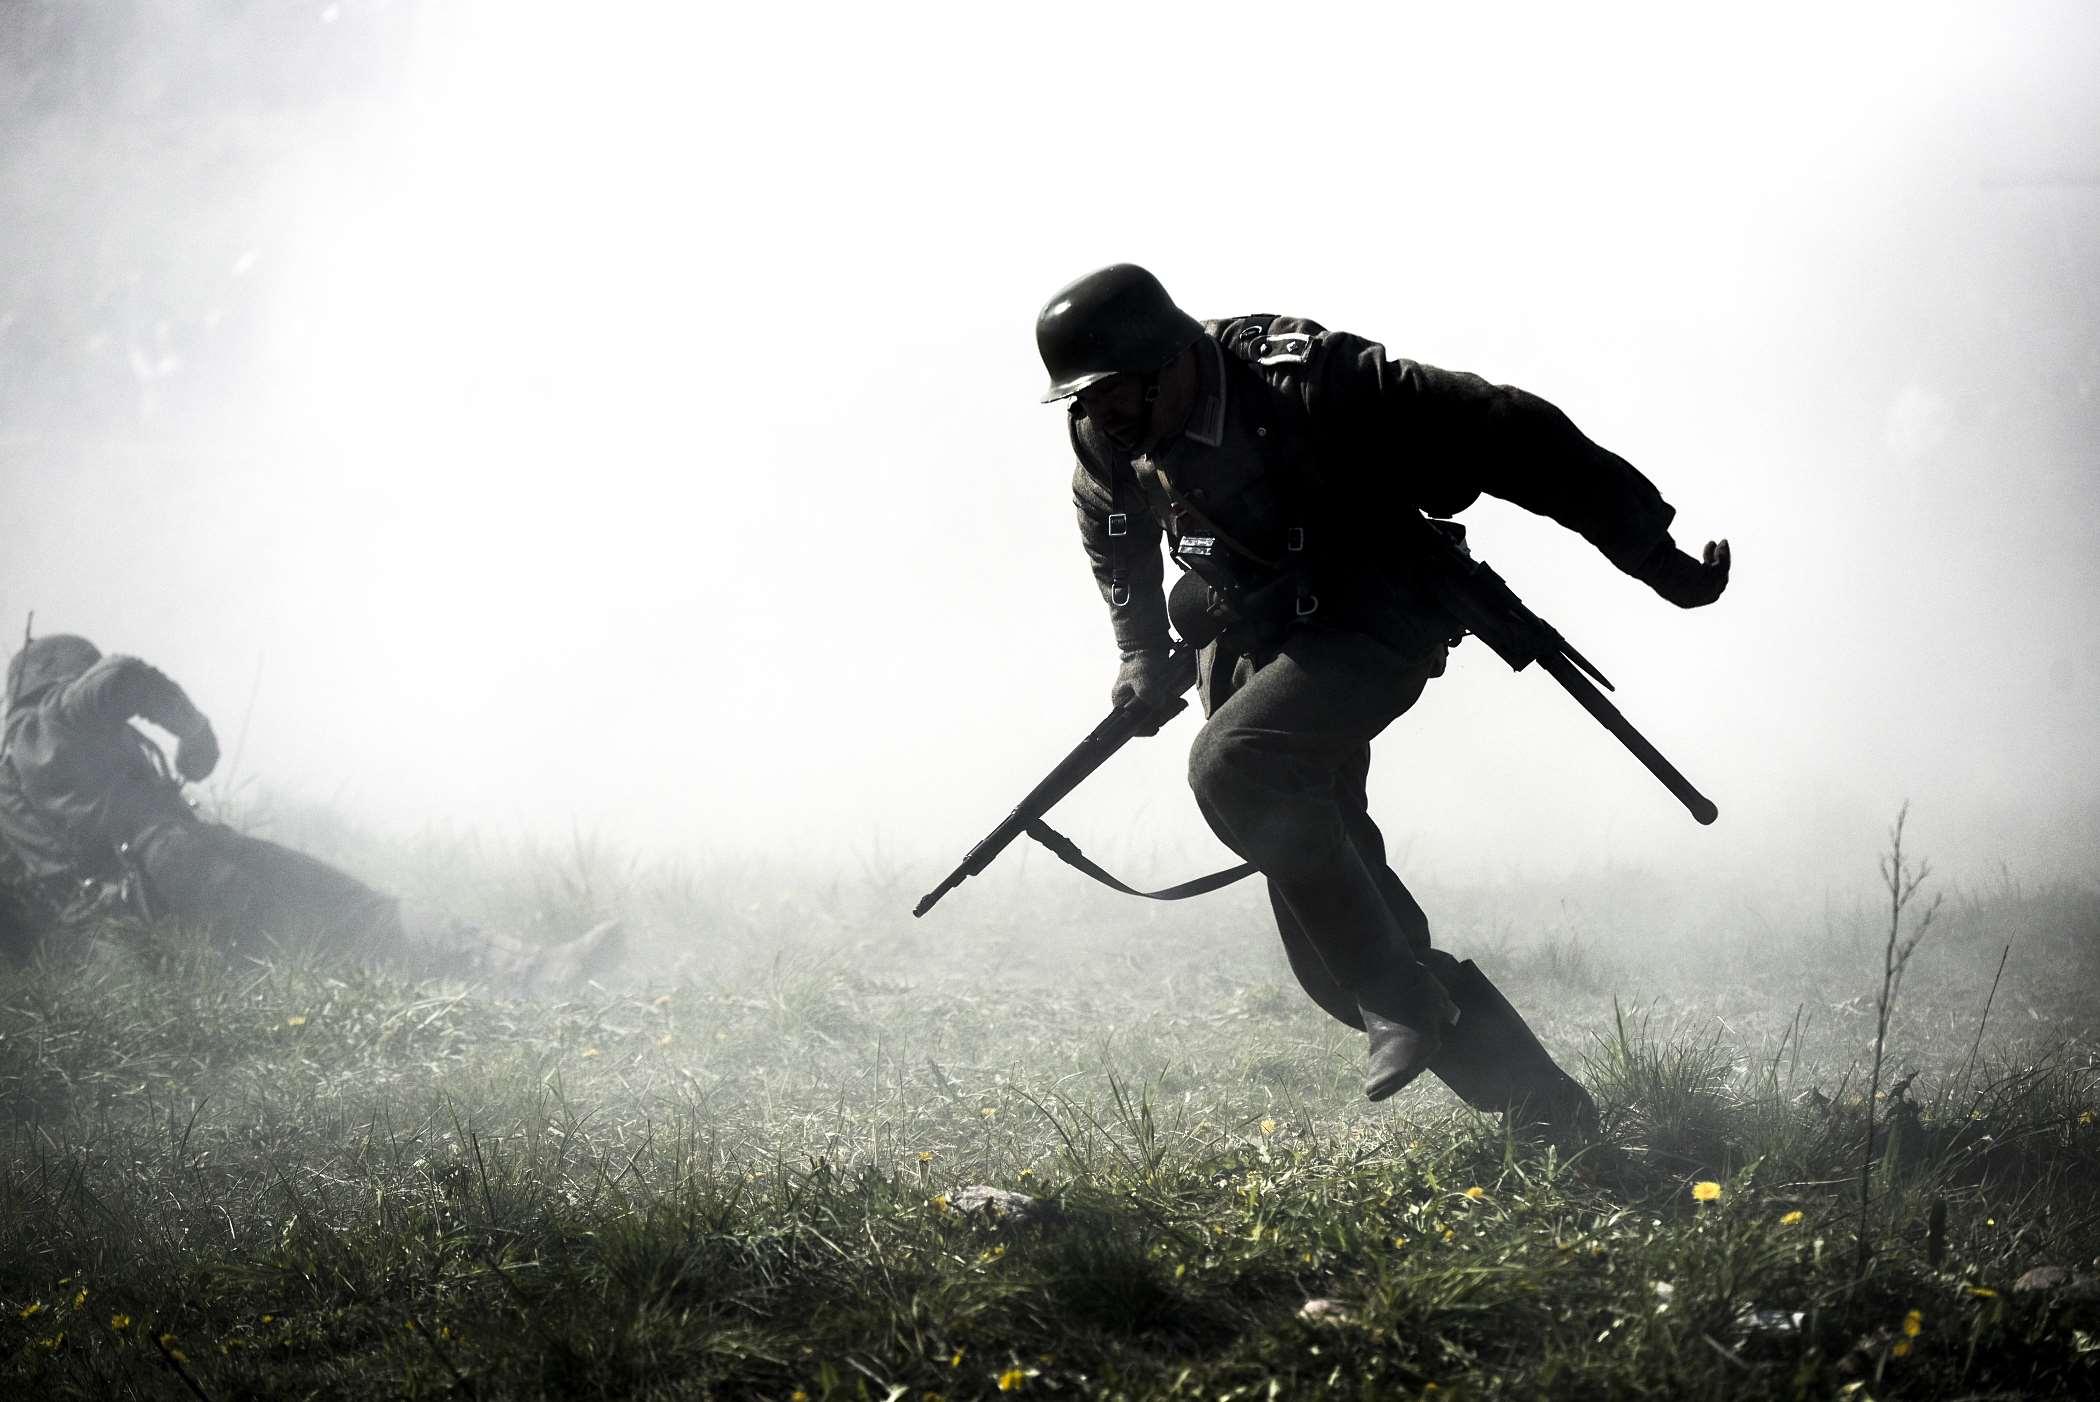 Żołnierz z bronią